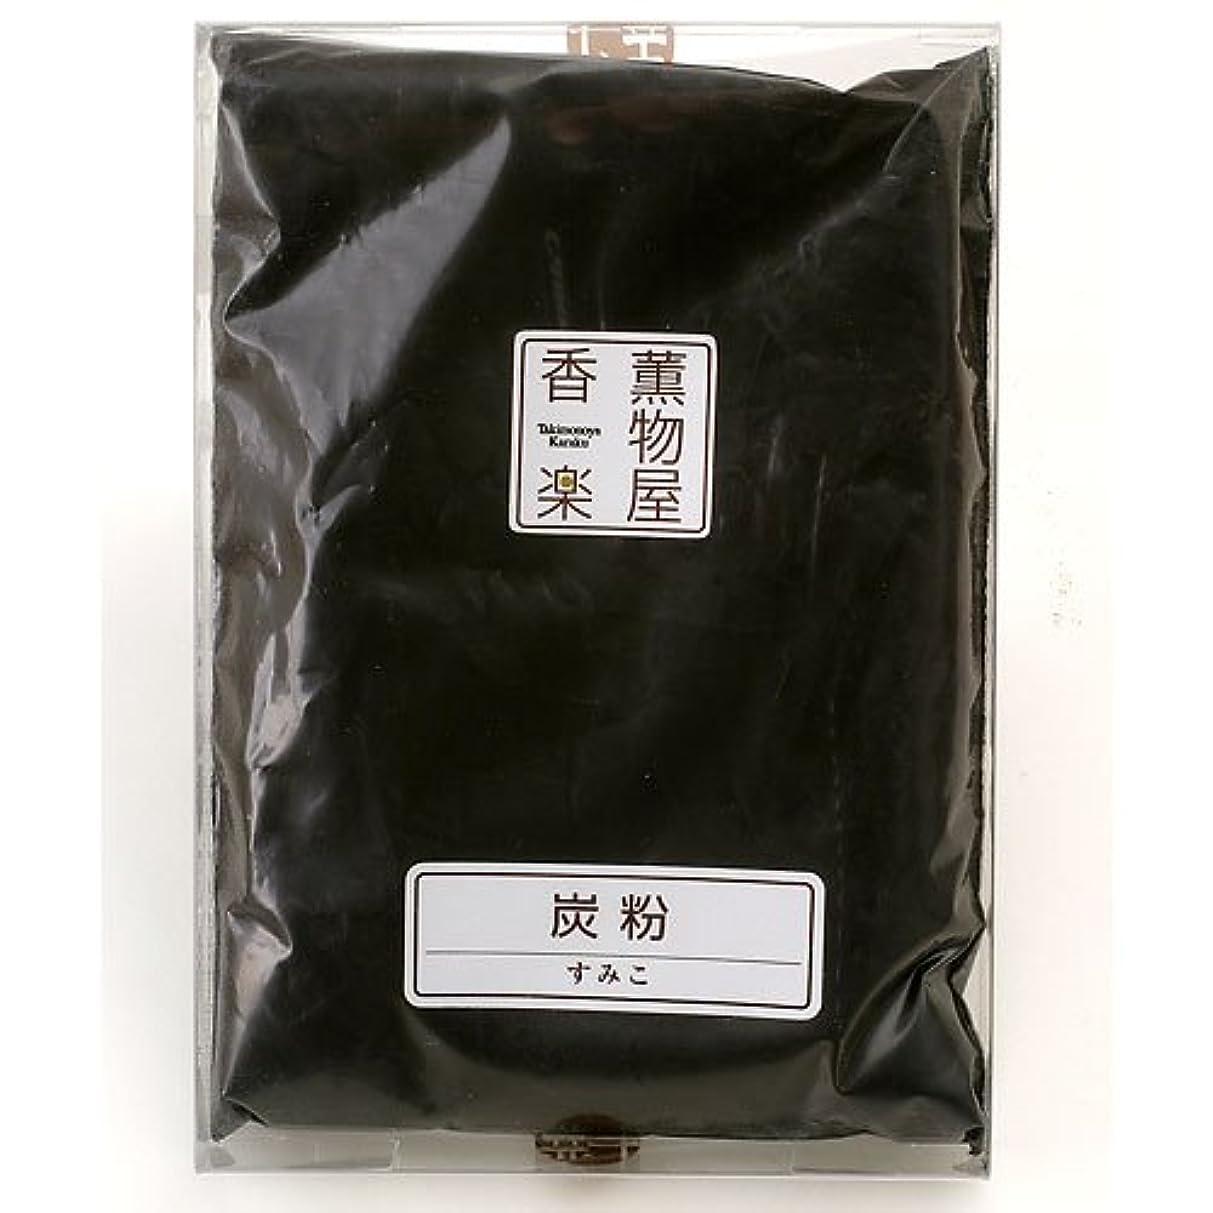 おんどり小人アーサーコナンドイル炭粉(着火/カビ防止) 線香?練香の材料